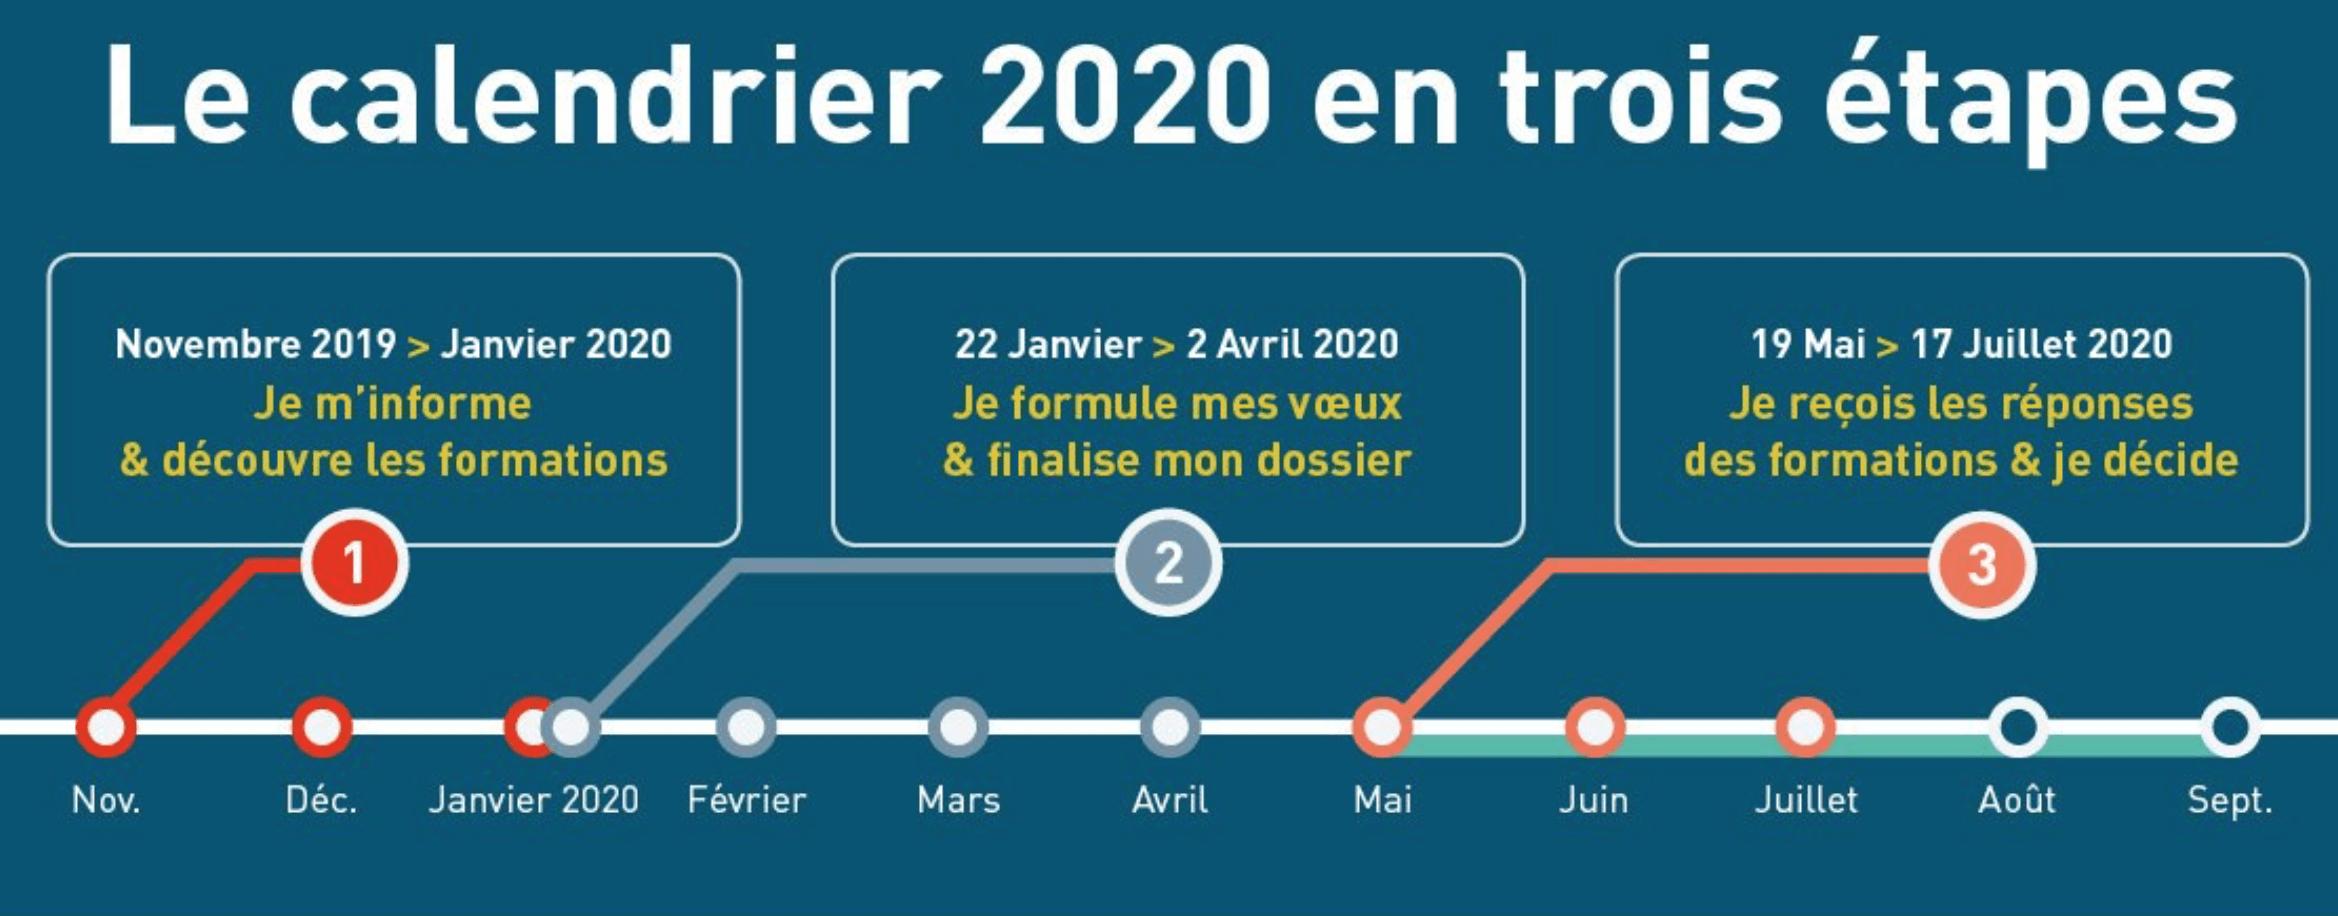 Parcoursup Calendrier 2021 Parcoursup 2020 : les dates, les nouveautés, la procédure et les